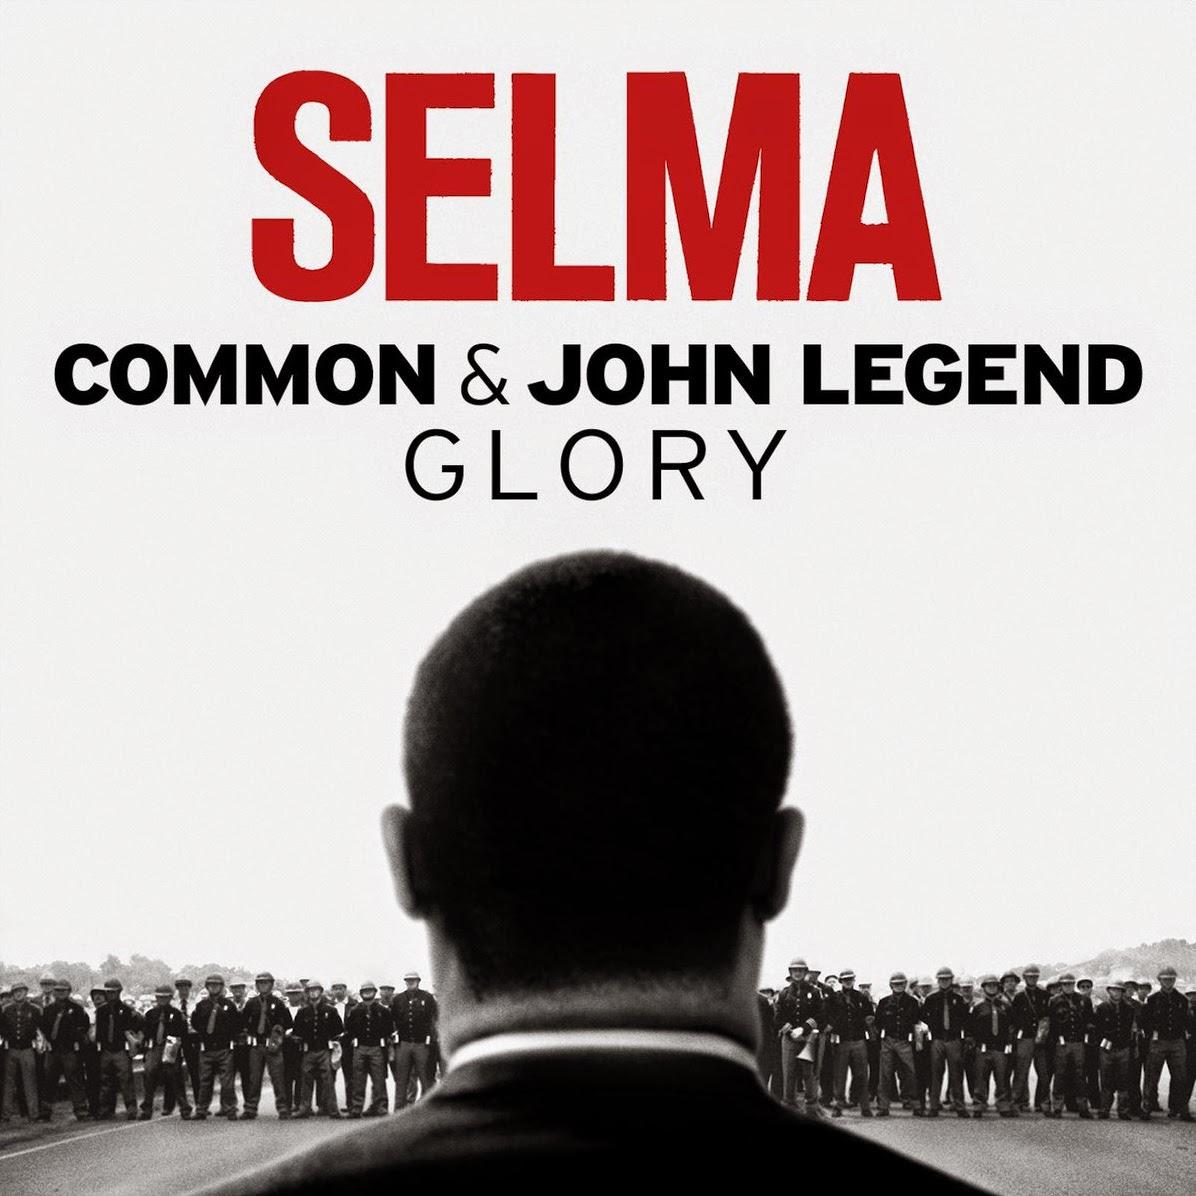 selma soundtracks-common-john legend-glory